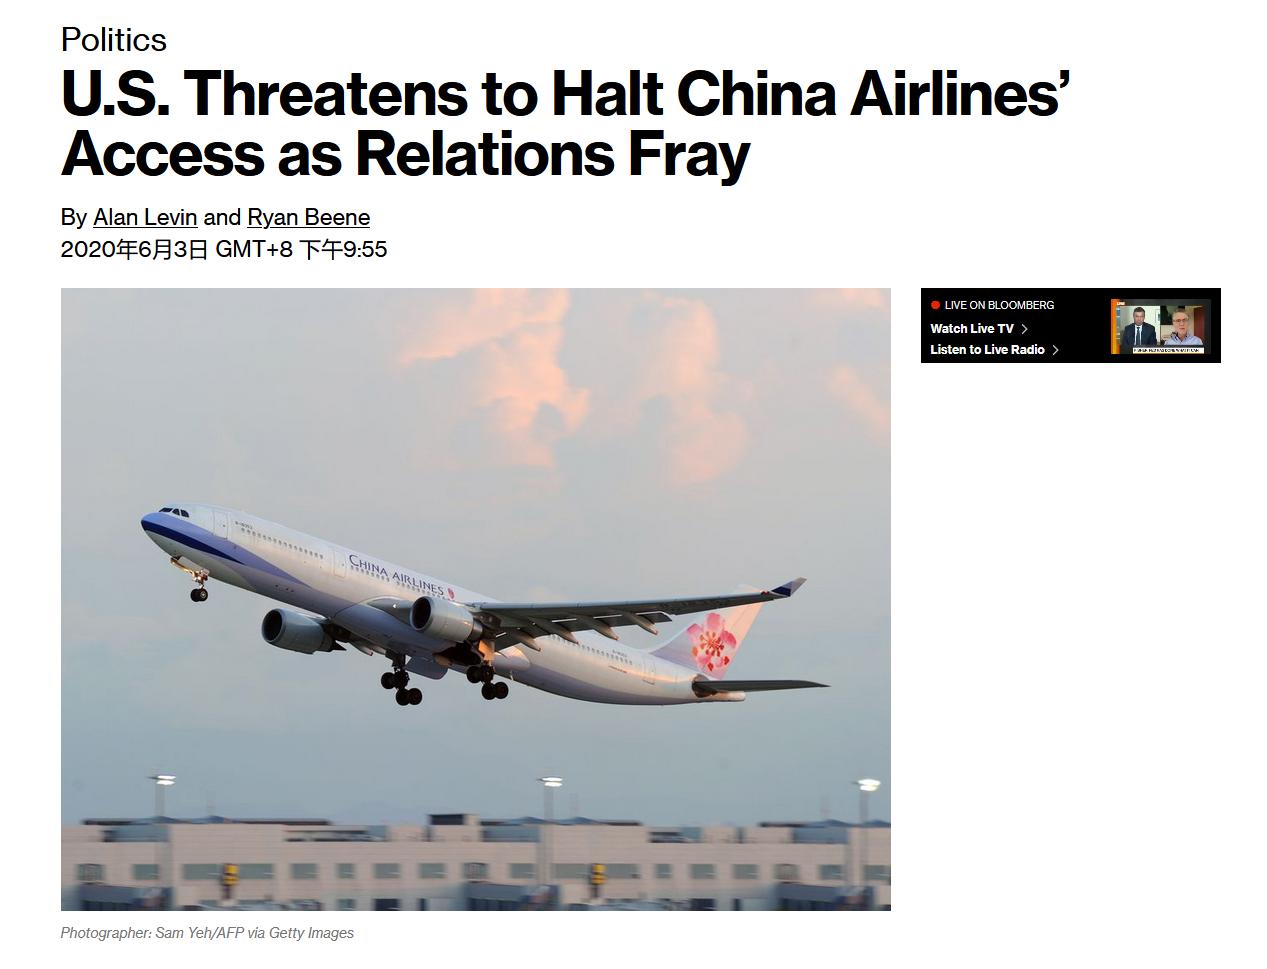 【天猫积分怎么用】_突然禁止中国航班往返美国 特朗普为何拿这茬来威胁?